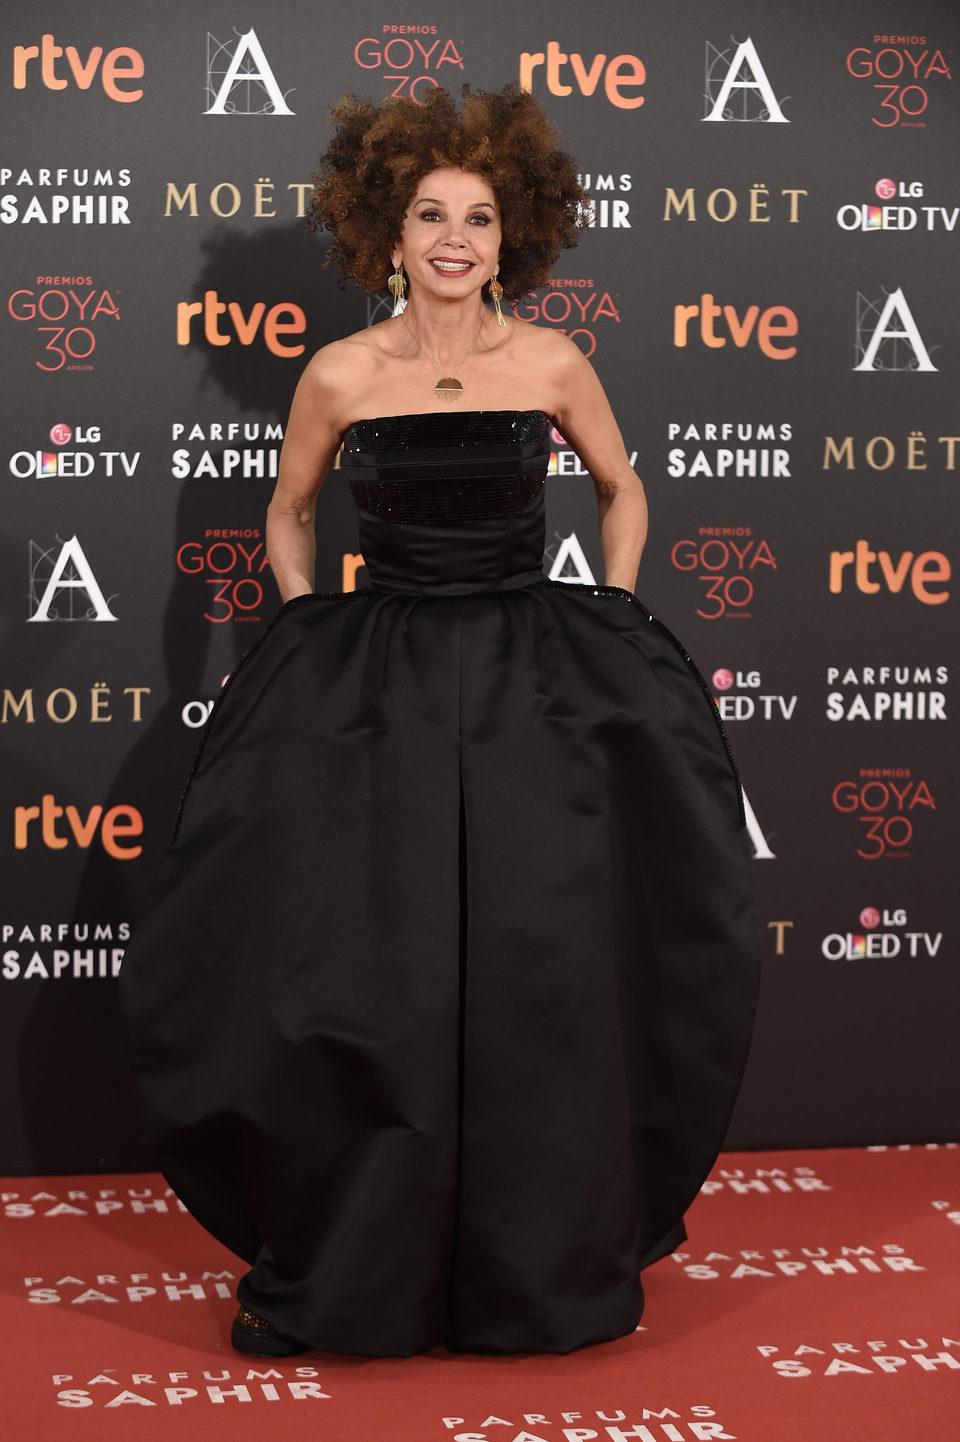 Victoria Abril en la alfombra roja de los Premios Goya 2016